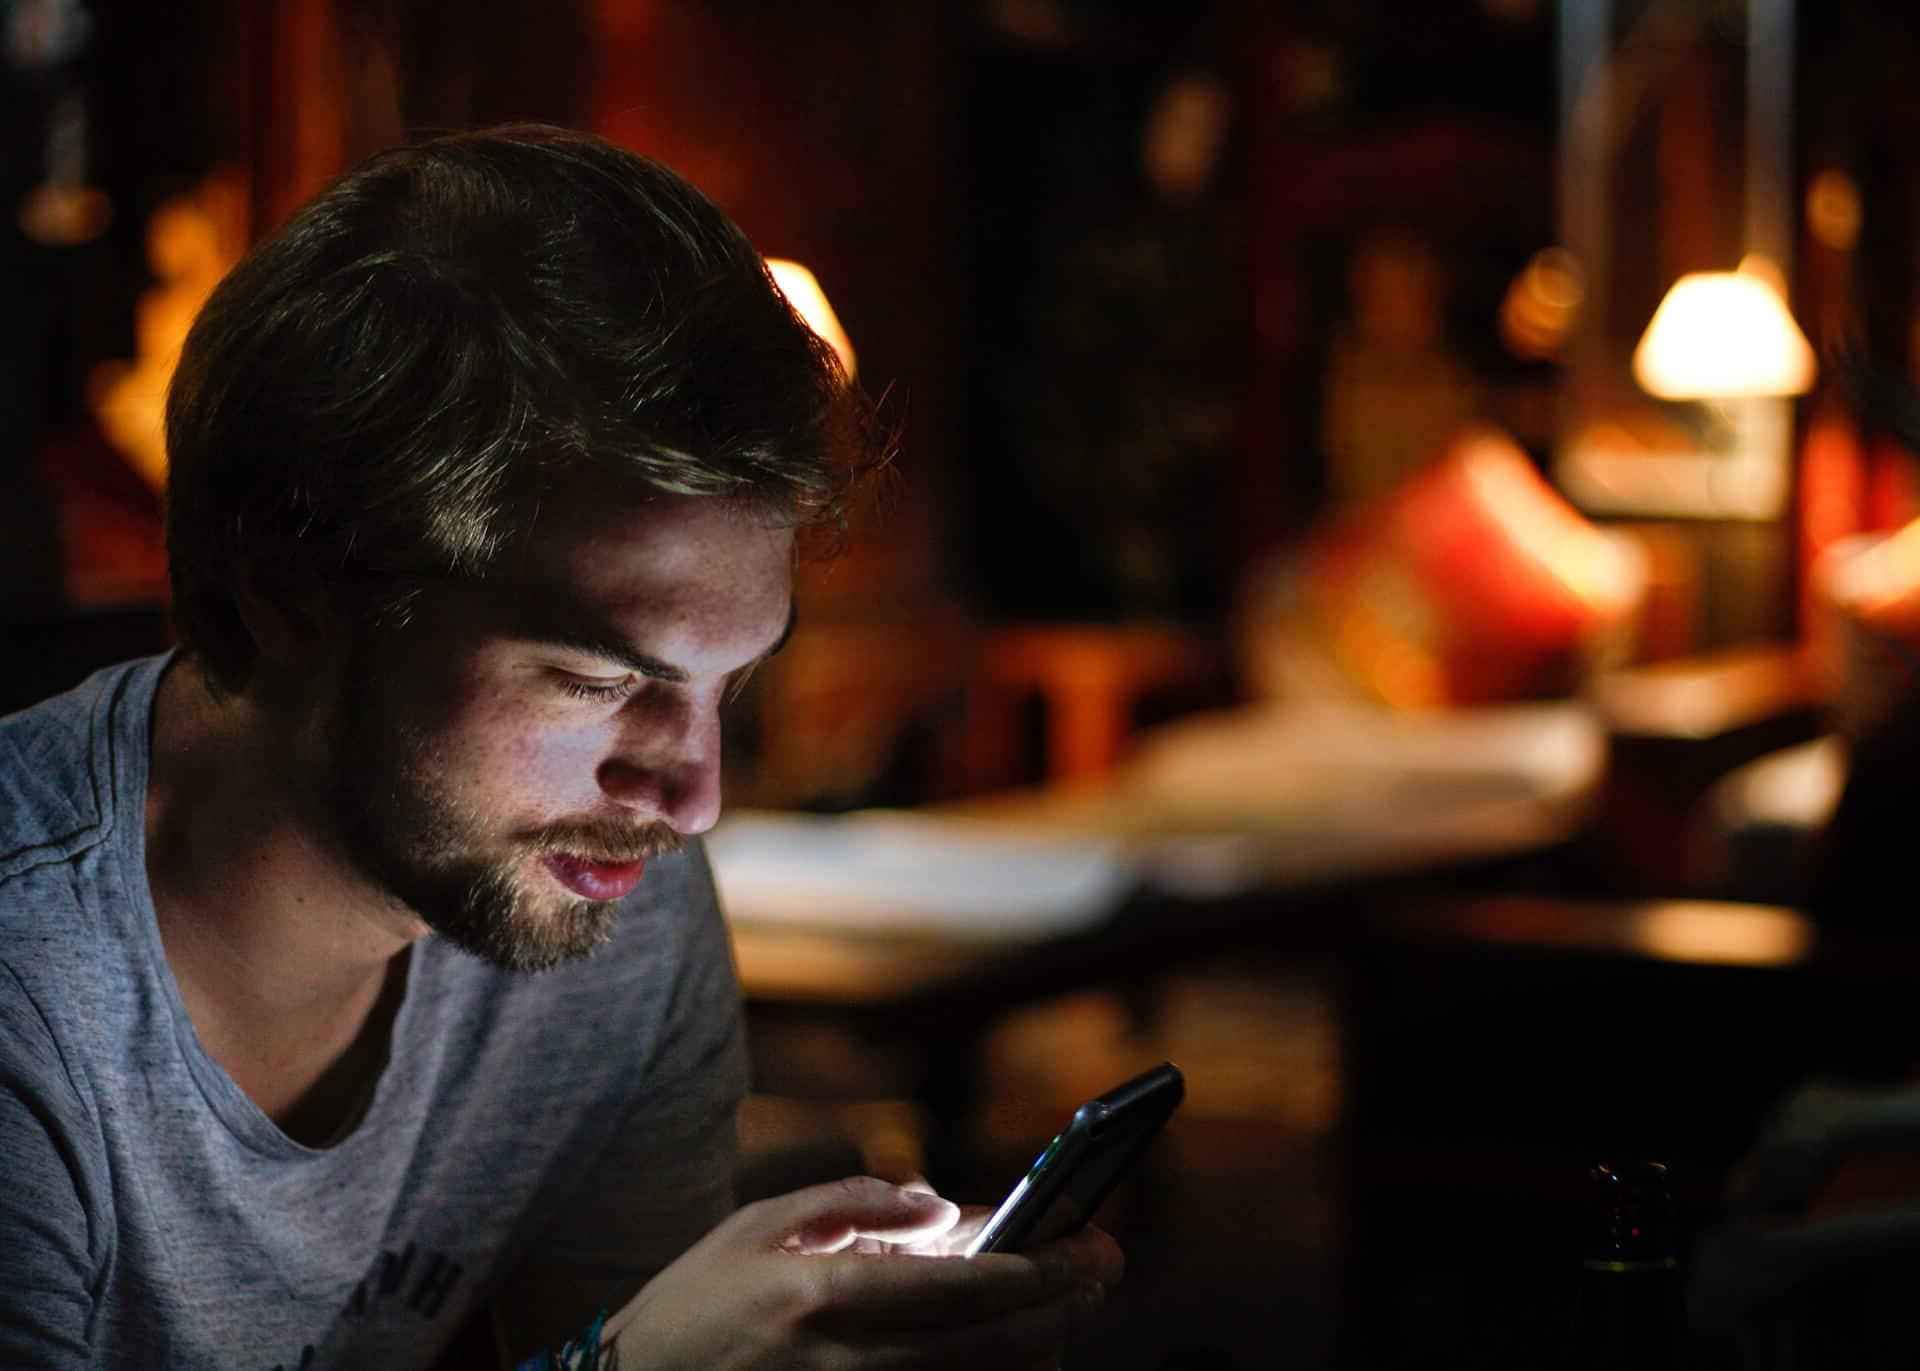 guy texting at night